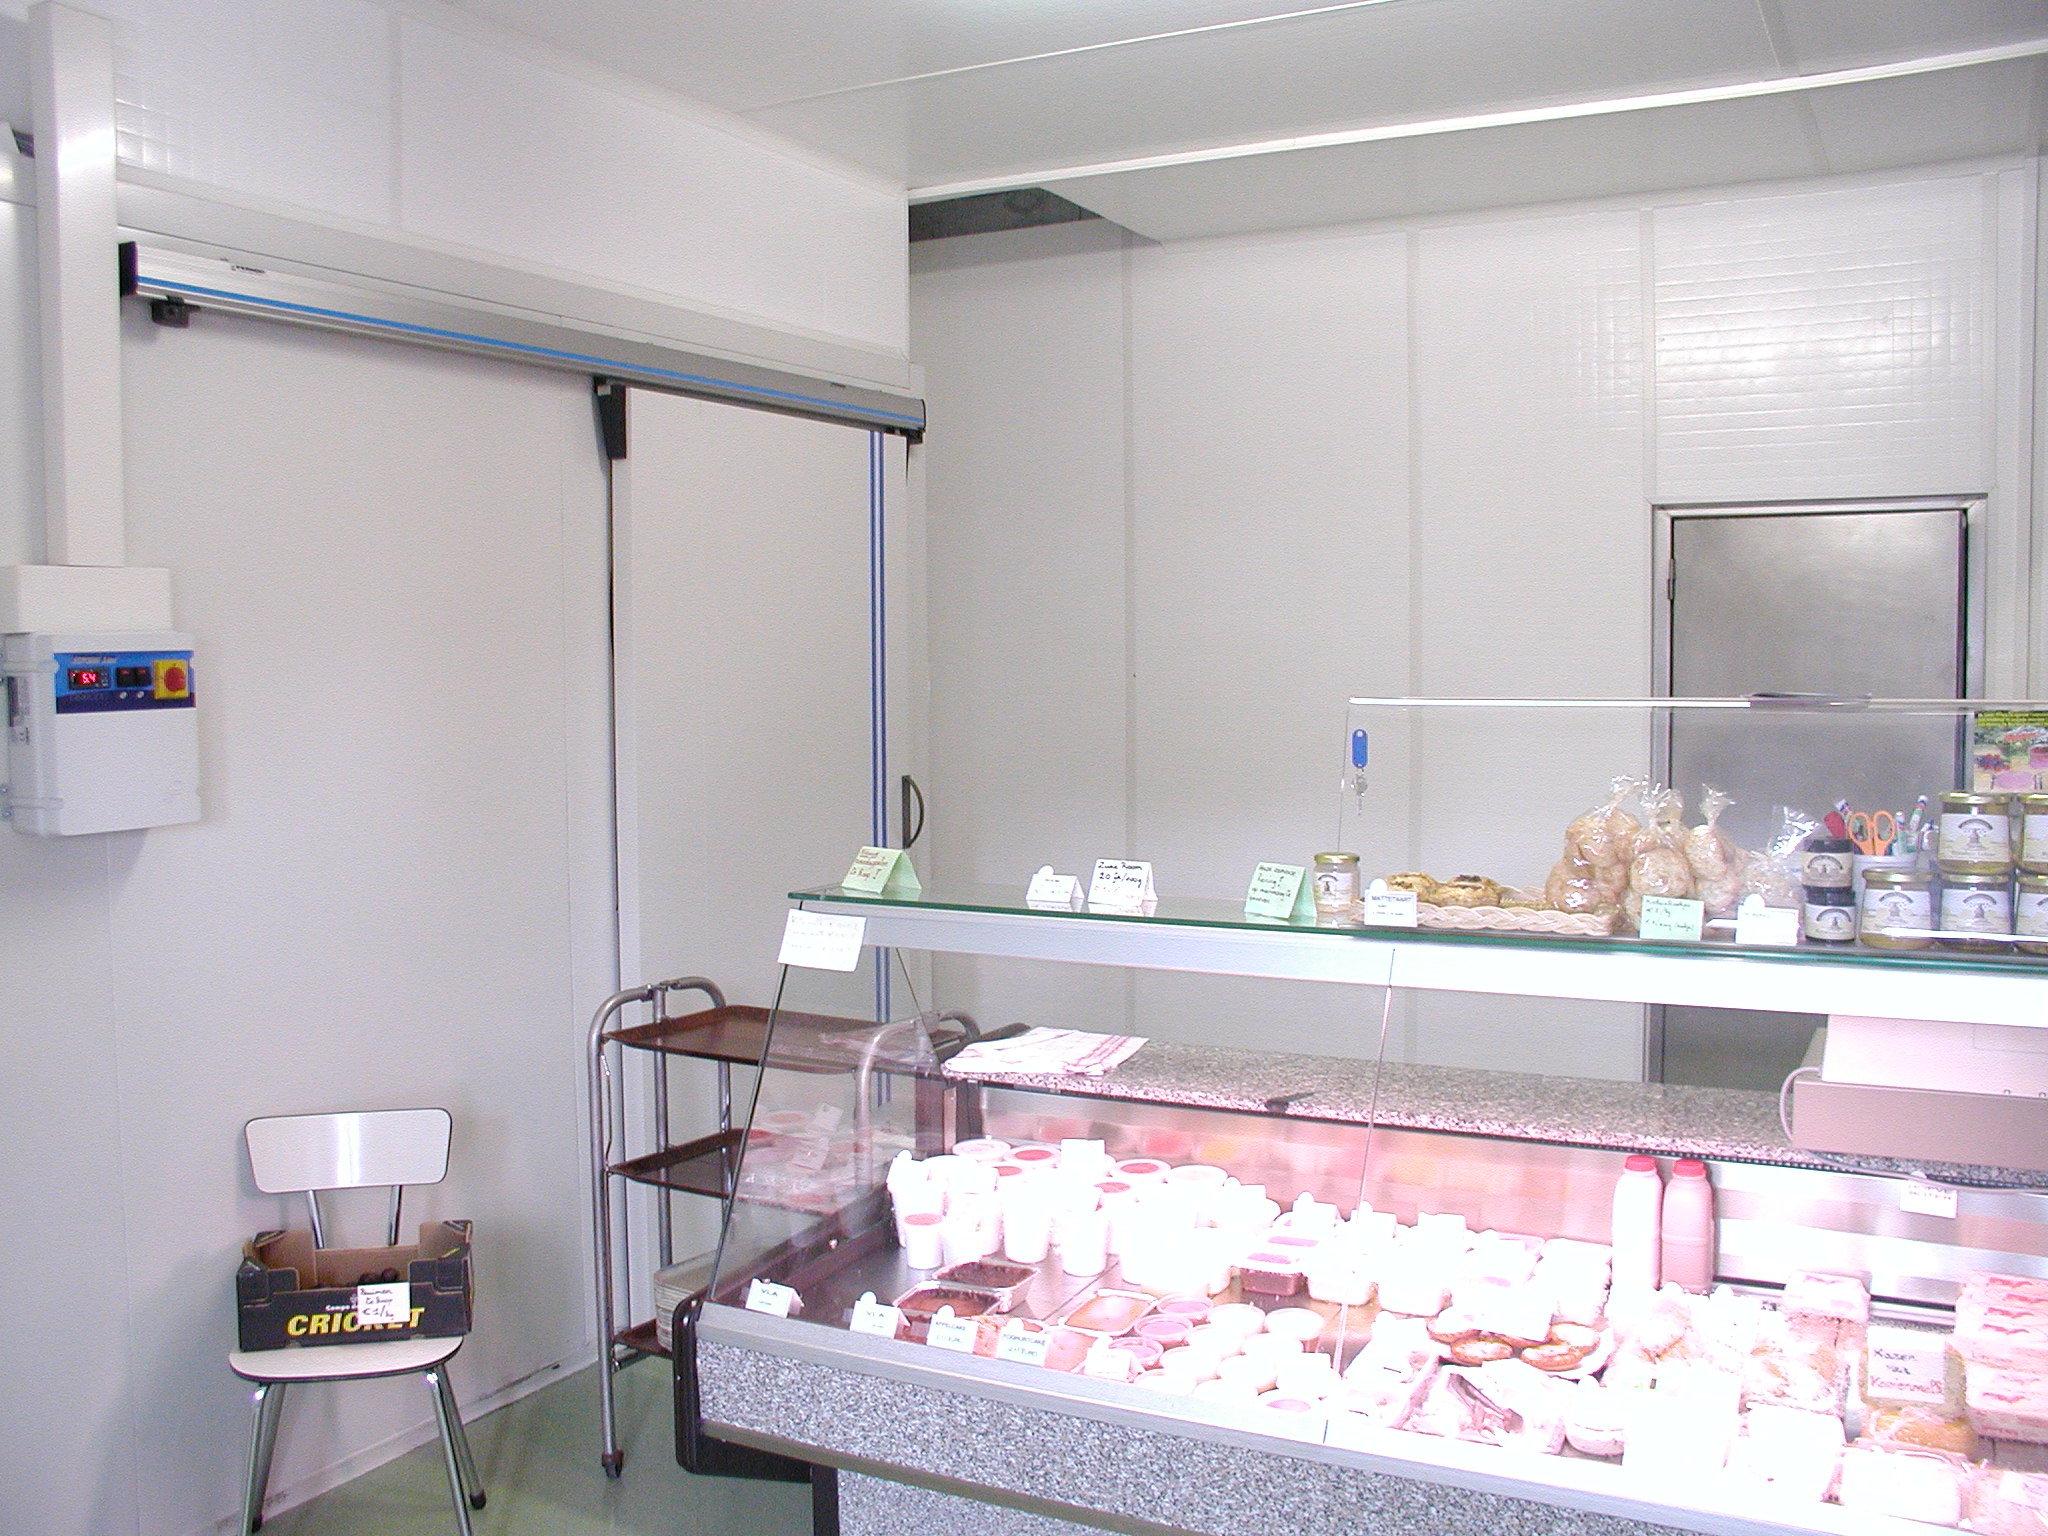 Plastikowe ściany działowe systemowe modułowe z plastiku PP polipropylenu, łatwe w utrzymaniu czystości